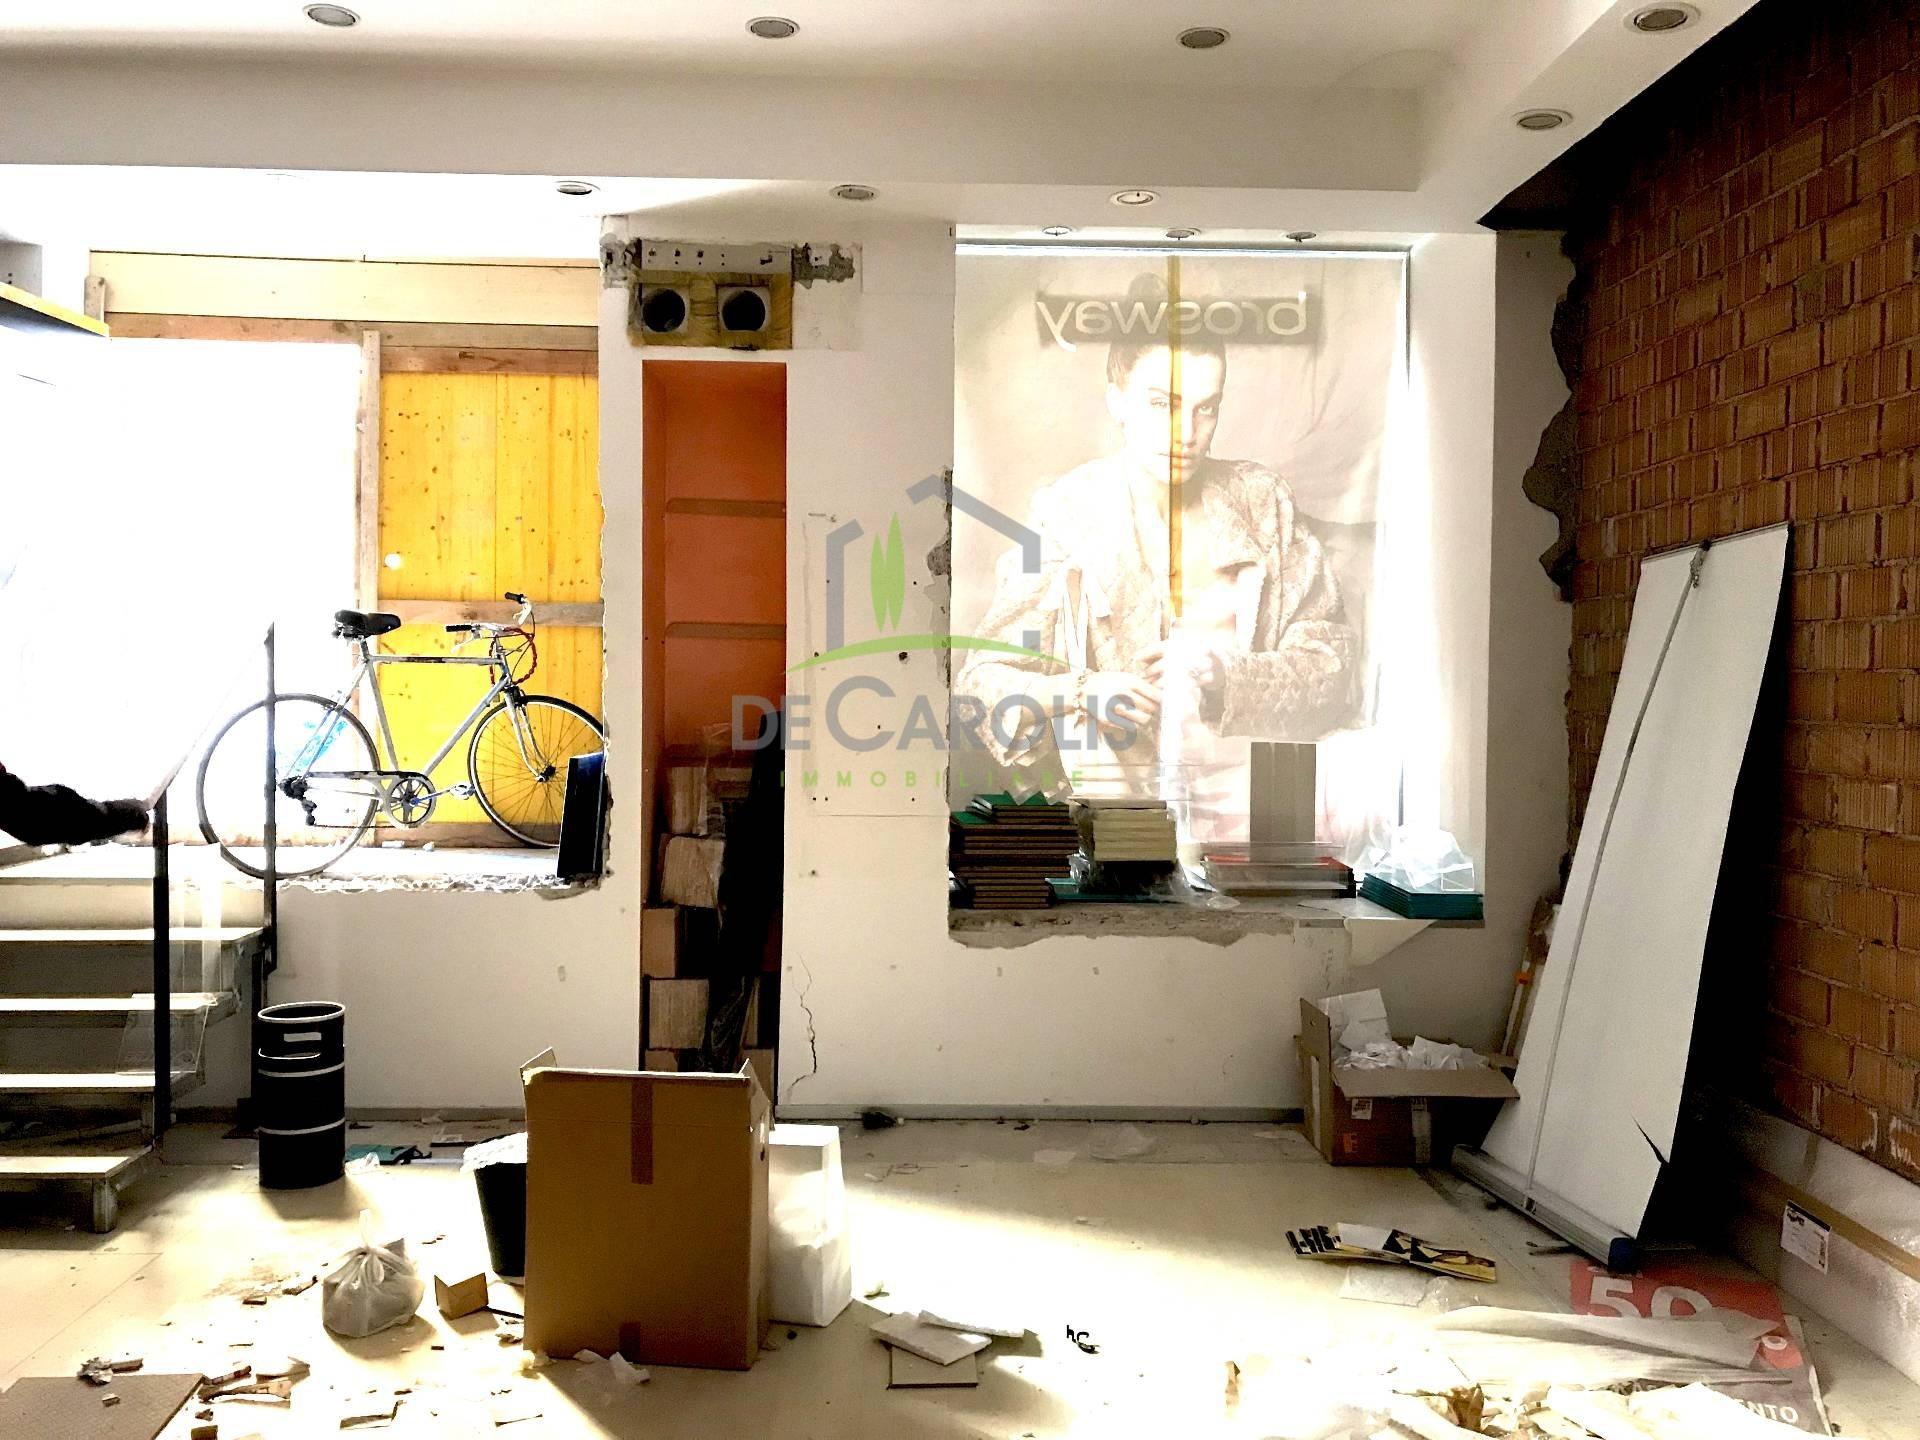 Negozio / Locale in affitto a Ascoli Piceno, 9999 locali, zona Località: CentroStorico, prezzo € 2.000 | CambioCasa.it